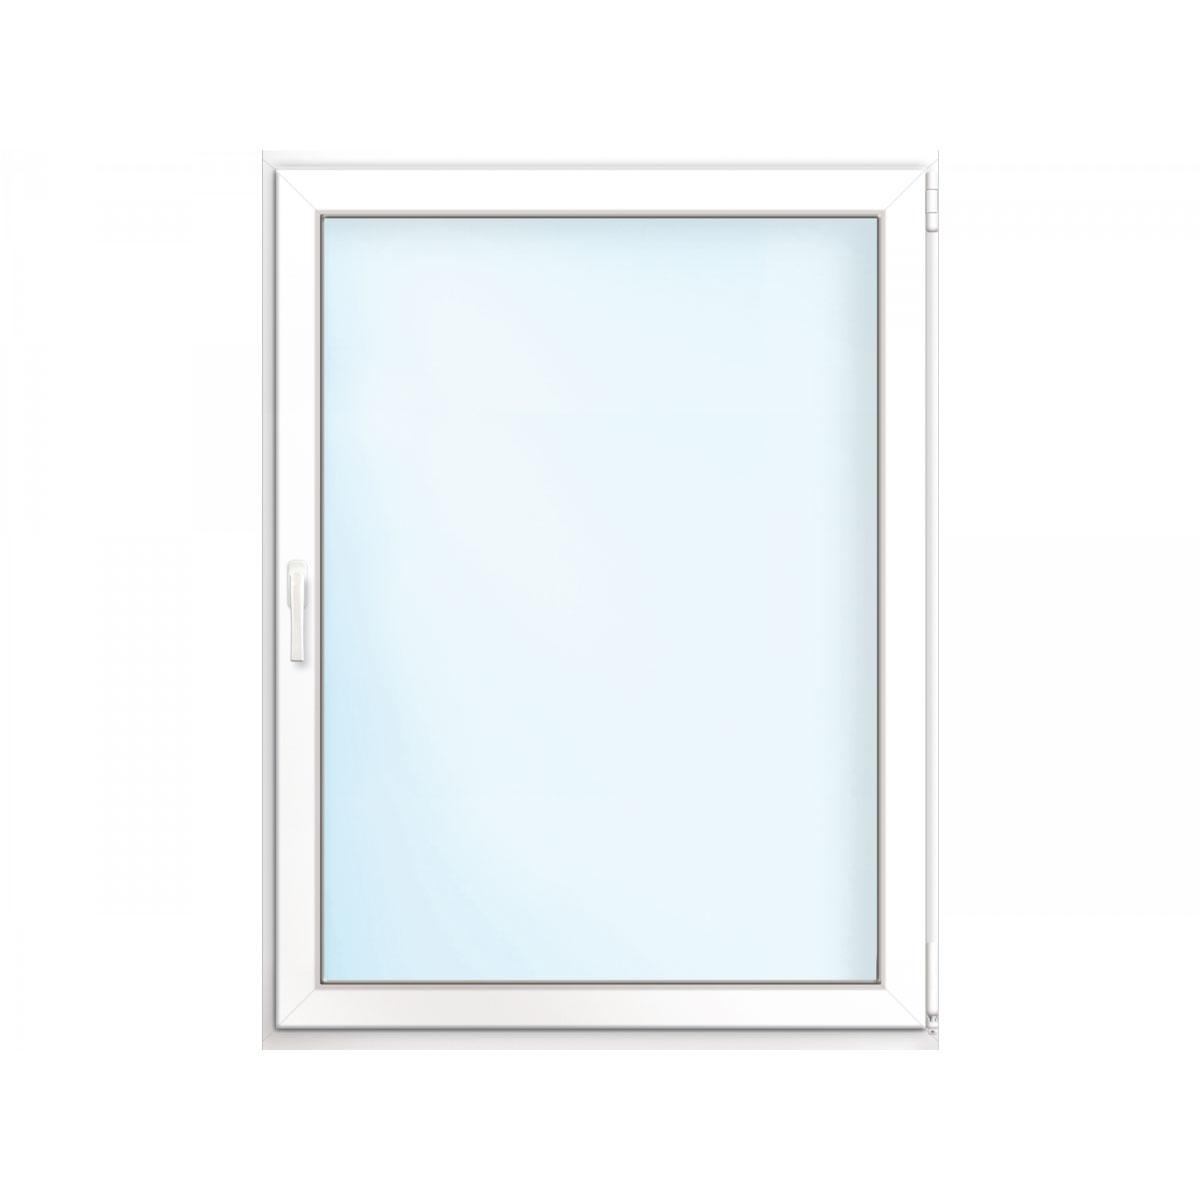 Fenster PVC 70/3 weiß/weiß Anschlag rechts 100x120 cm